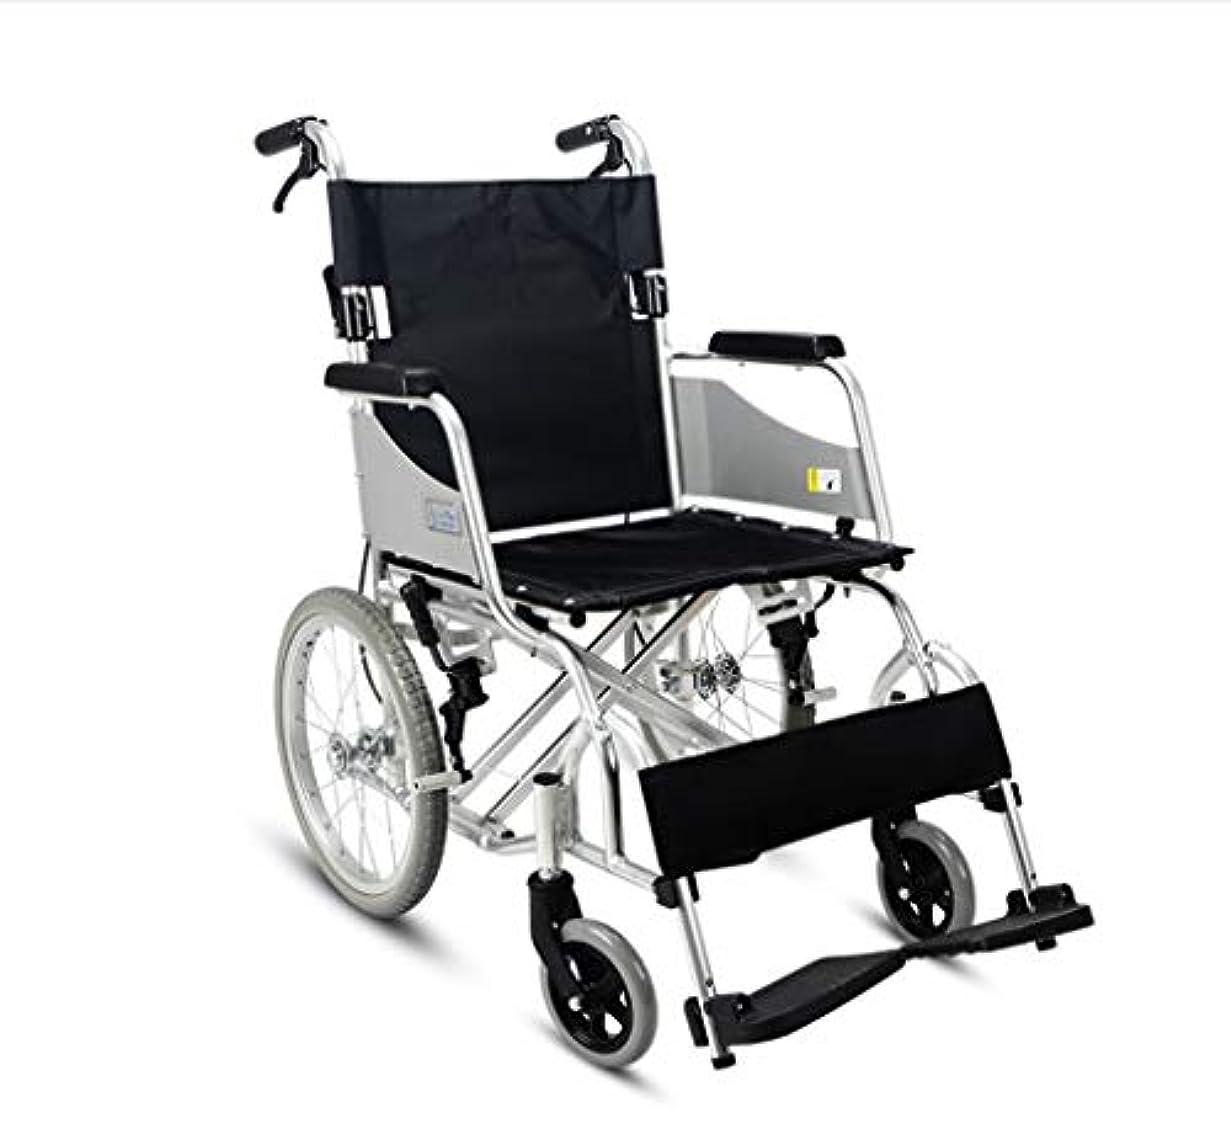 クリケット周辺許す車椅子高齢者ポータブル、折りたたみハンドプッシュ屋外旅行車椅子